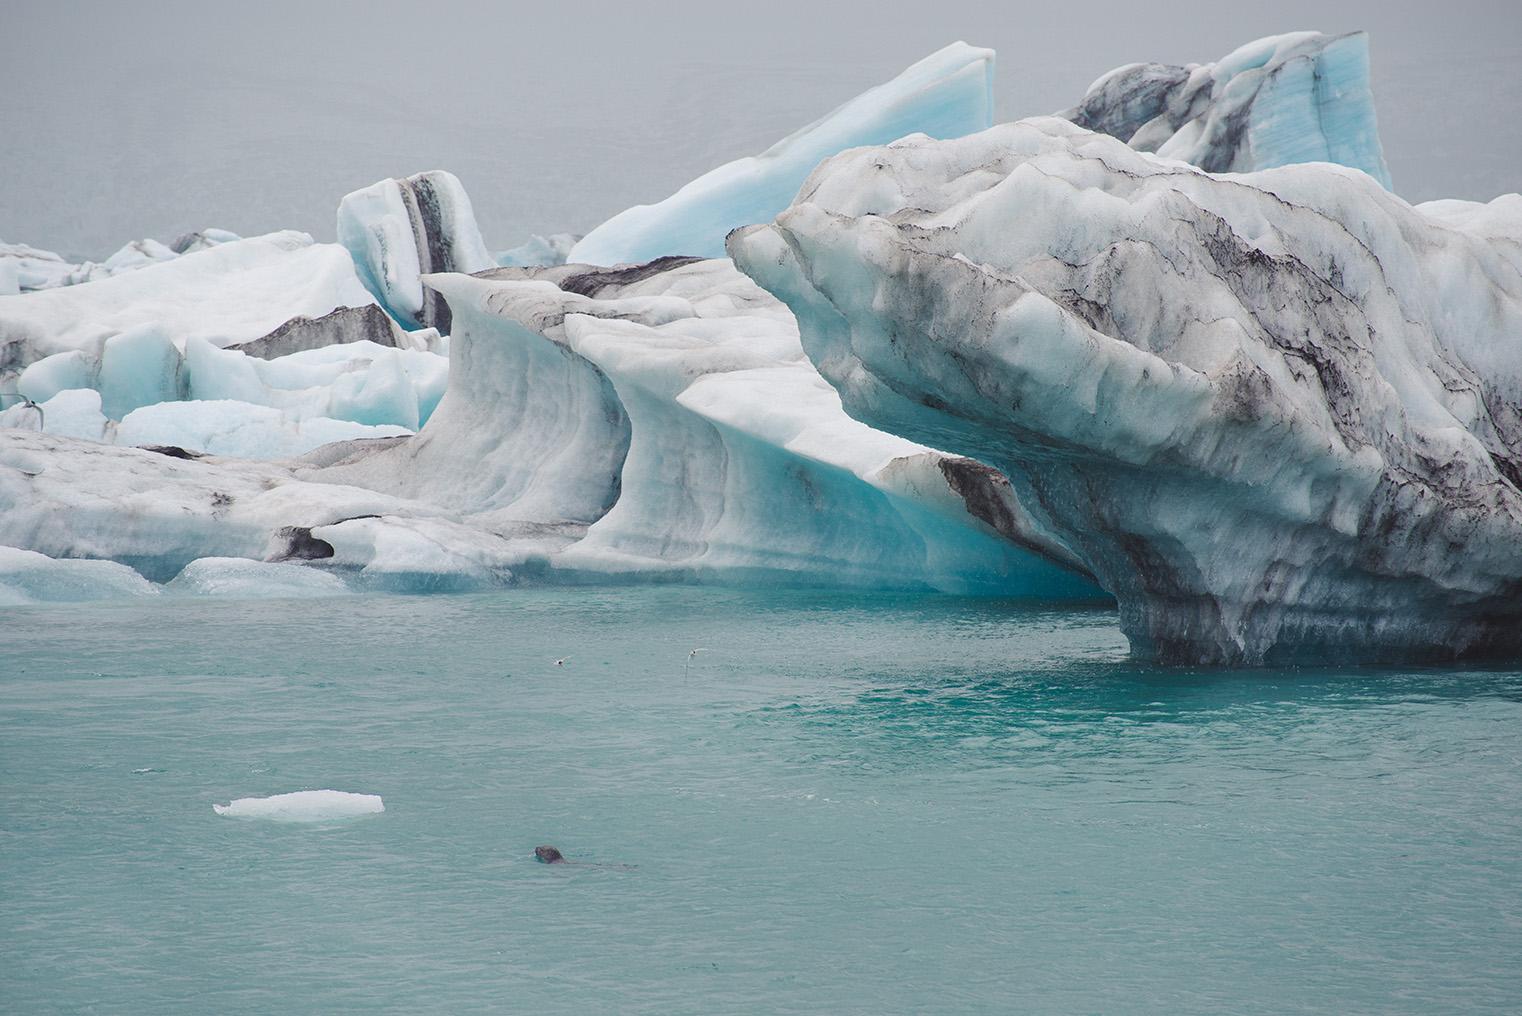 Laguna lodowcowa - Jokulsarlon -Islandia - podroz z dzieckiem